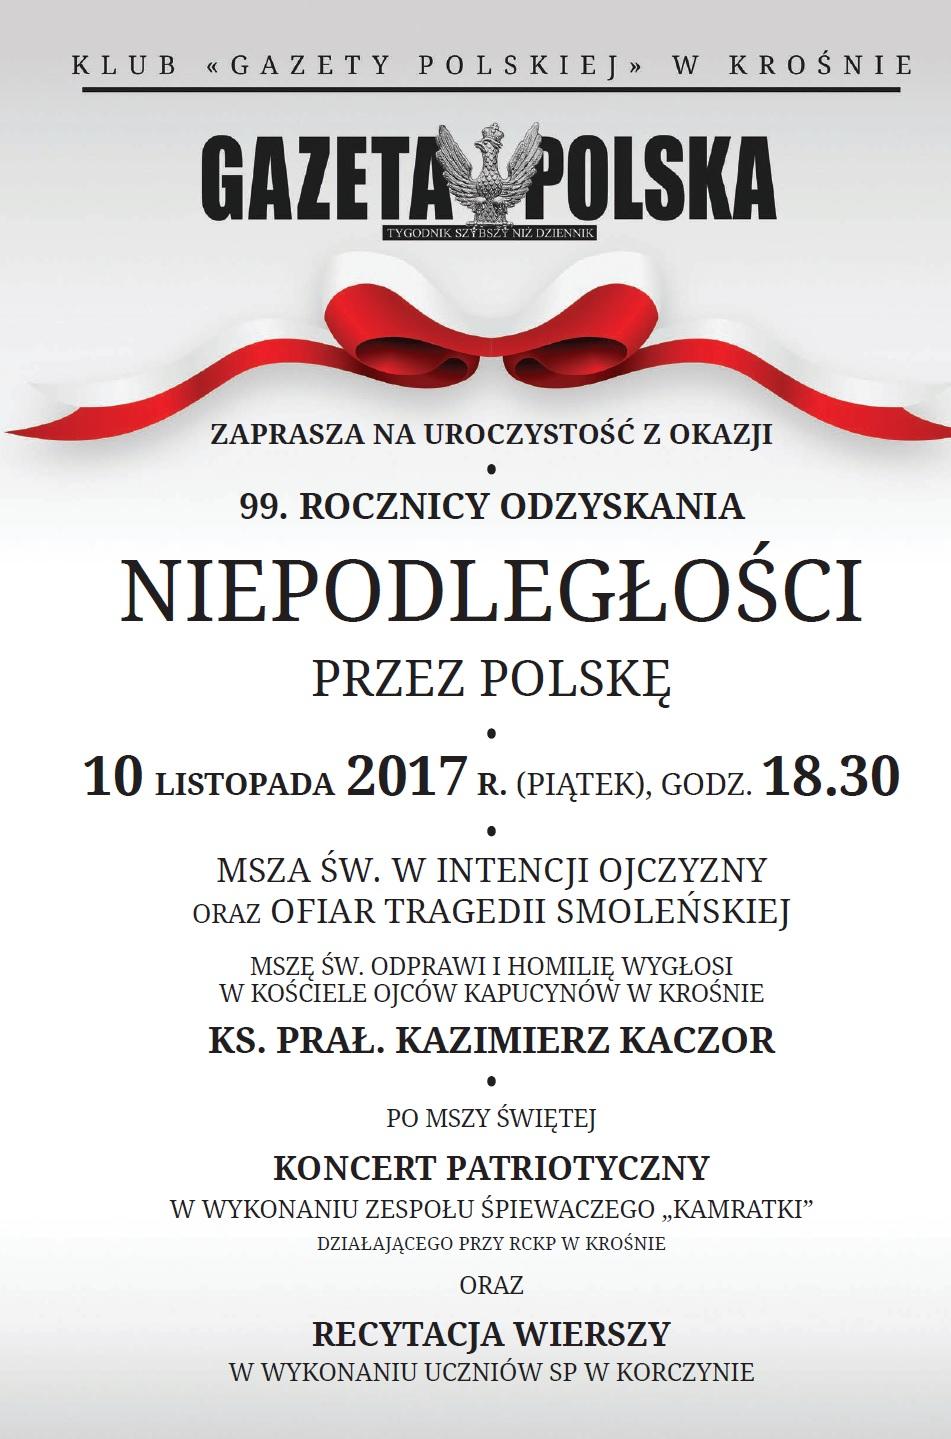 Kluby Gazety Polskiej Krosno Uroczystość Z Okazji 99